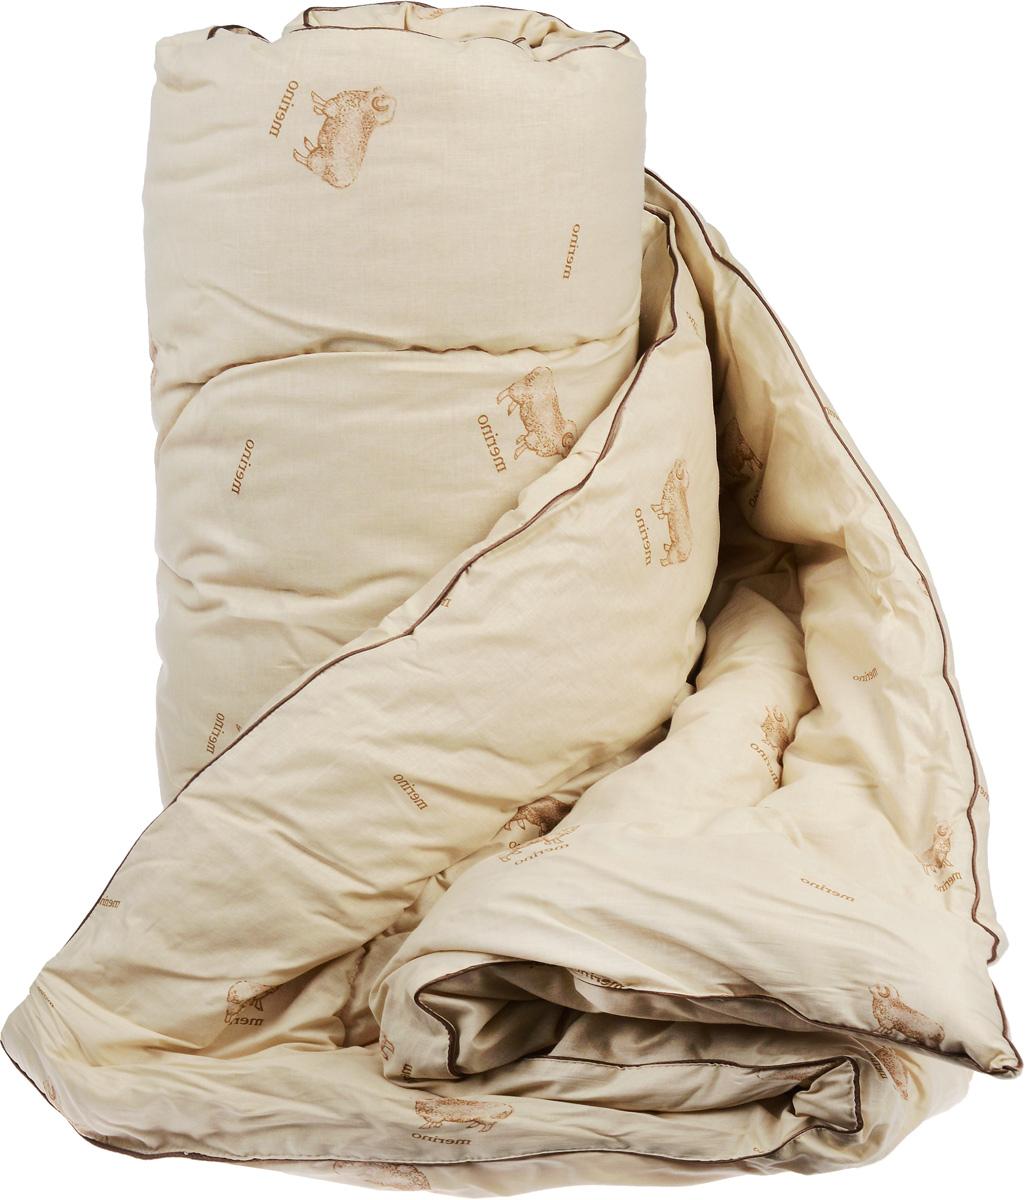 Одеяло теплое Легкие сны Полли, наполнитель: овечья шерсть, 200 x 220 см200(32)04-ОШТеплое стеганое одеяло Легкие сны Полли с наполнителем из овечьей шерсти расслабит, снимет усталость и подарит вам спокойный и здоровый сон. Шерстяные волокна, получаемые из овечьей шерсти, имеют полую структуру, придающую изделиям высокую износоустойчивость. Чехол одеяла, выполненный из 100% хлопка. Одеяло простегано. Стежка надежно удерживает наполнитель внутри и не позволяет ему скатываться. Рекомендации по уходу: Отбеливание, стирка, барабанная сушка и глажка запрещены. Разрешается химчистка.